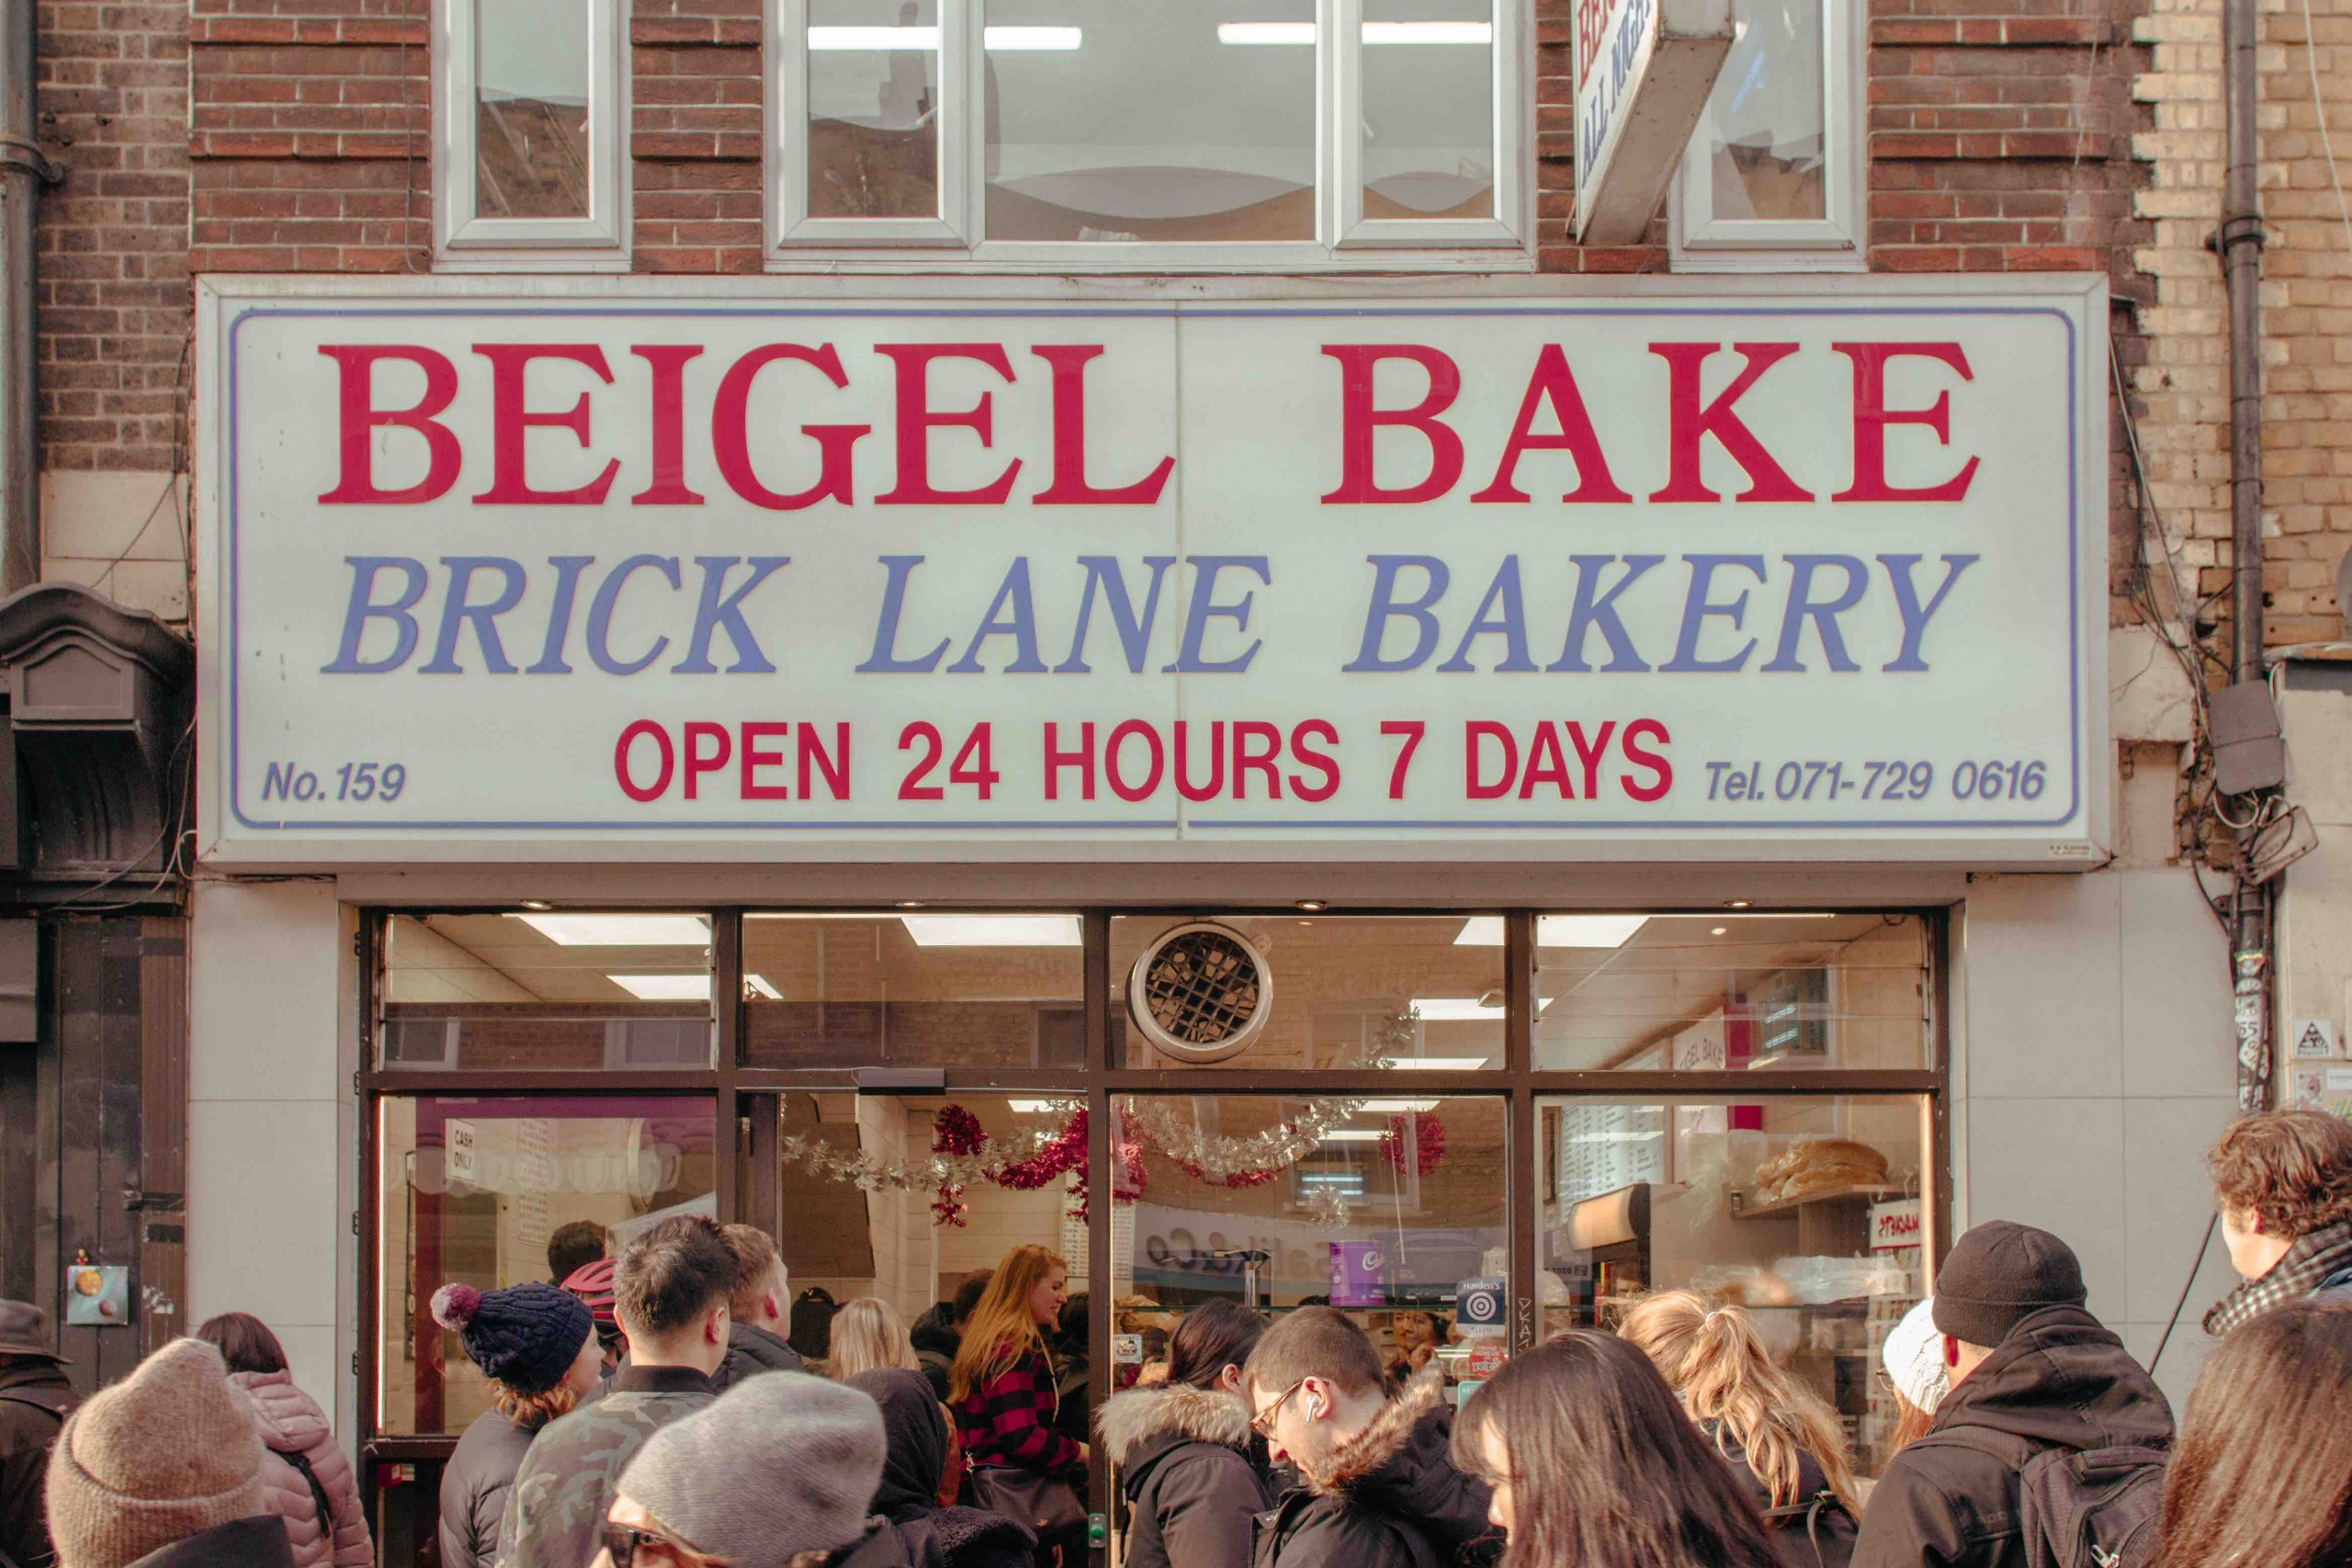 luoghi poco conosciuti di Londra: panetteria che vende beigel